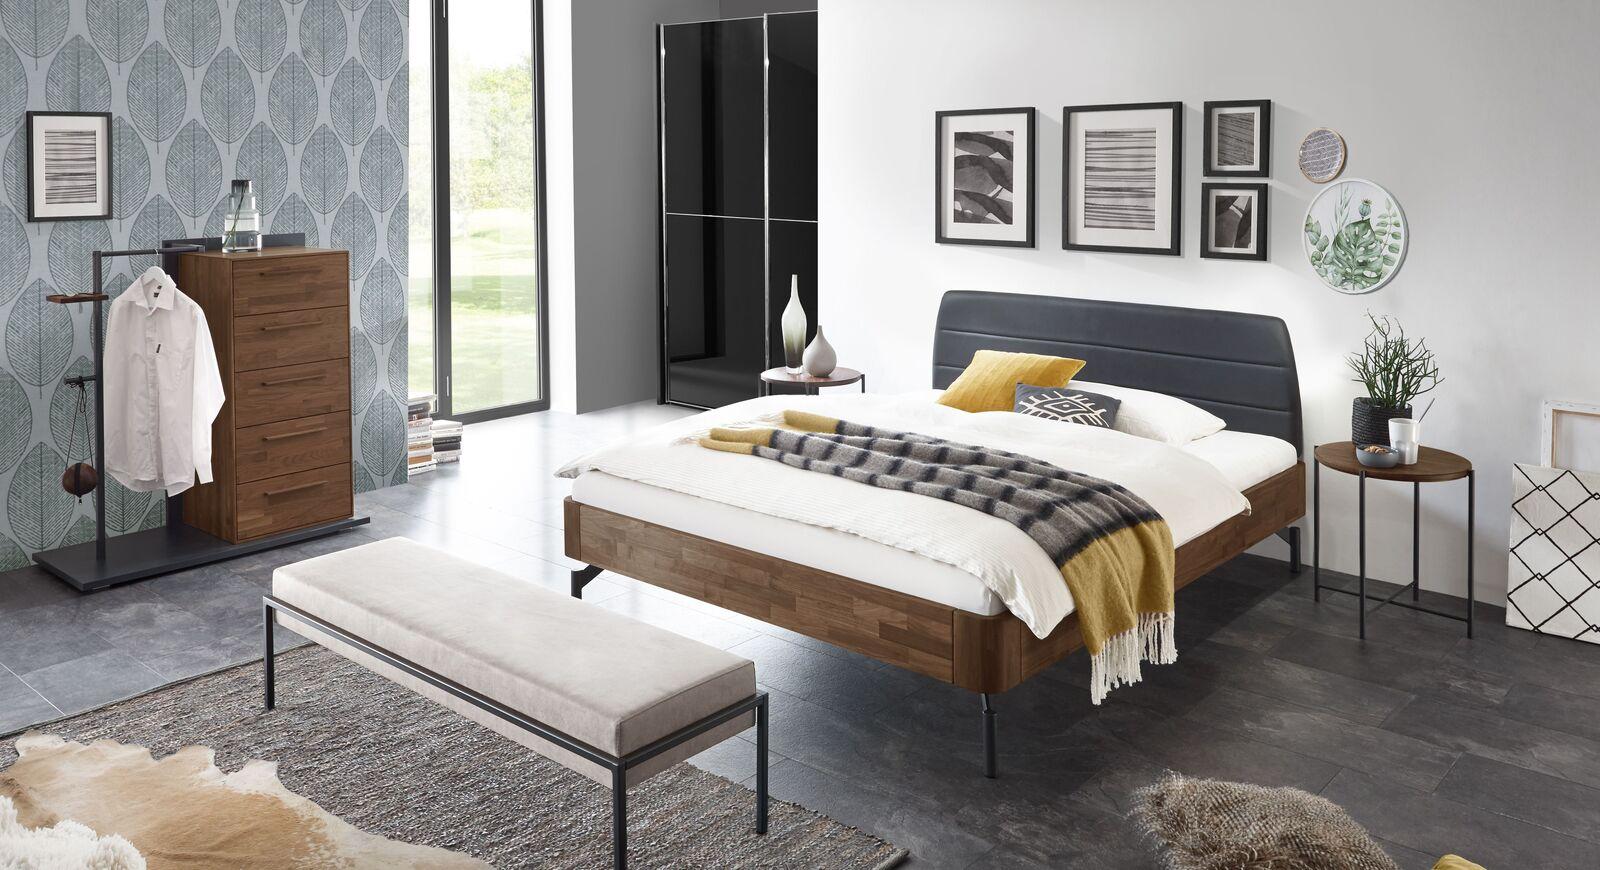 Bett Ronario mit passender Schlafzimmerausstattung